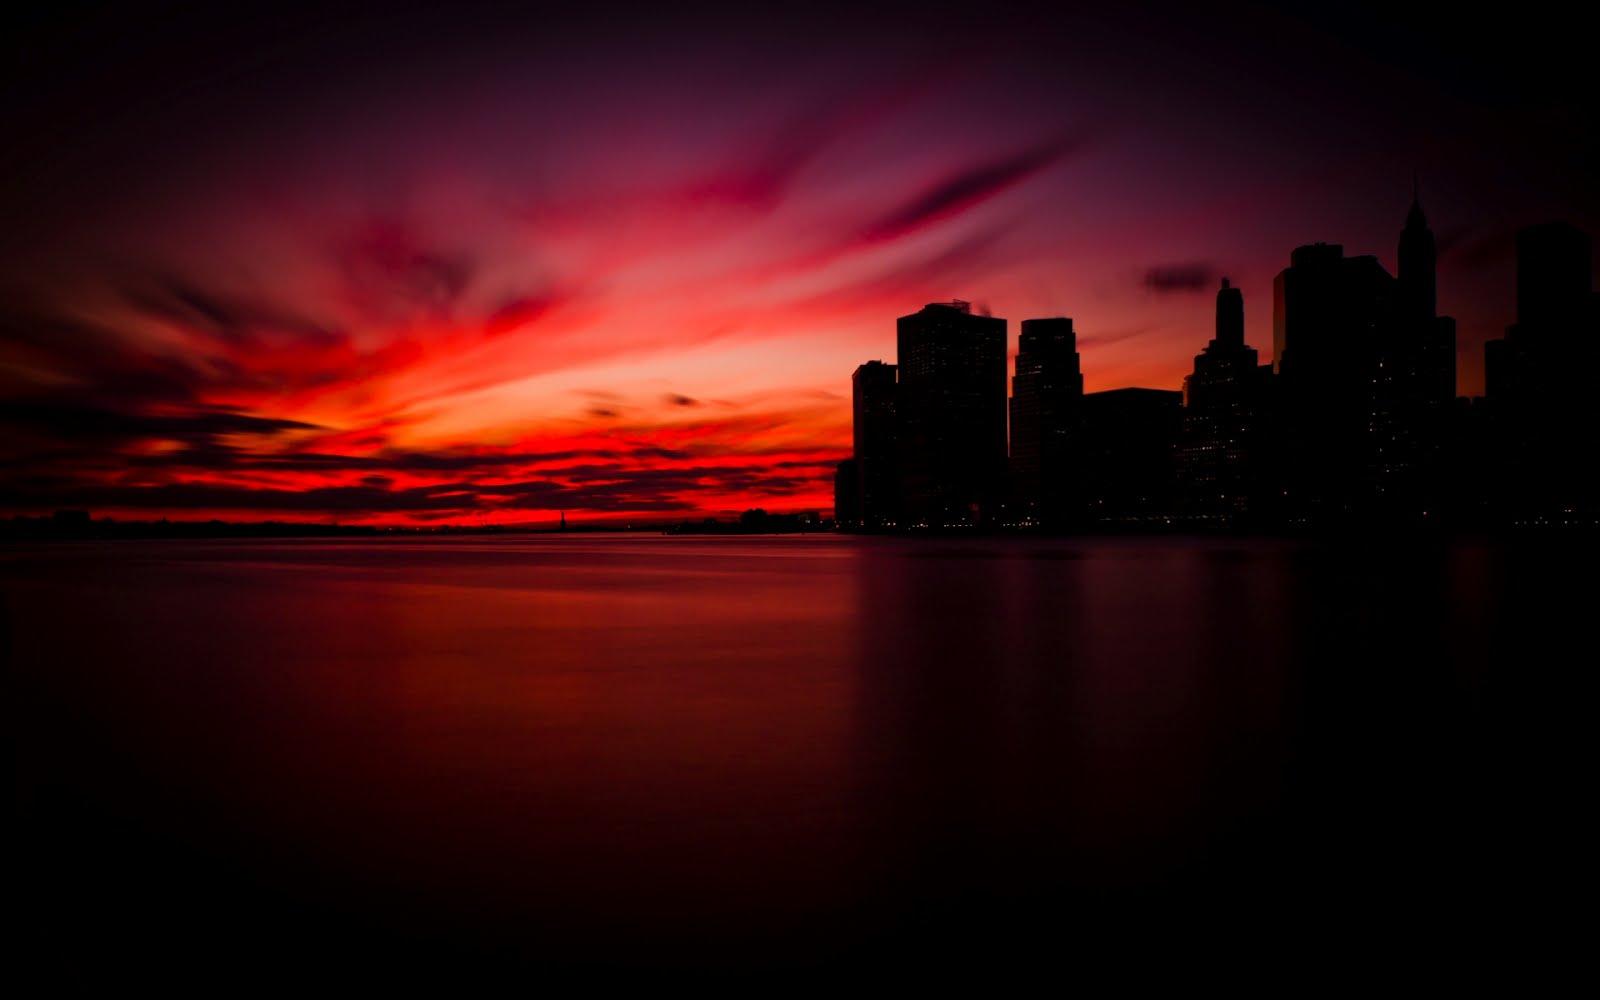 http://2.bp.blogspot.com/-KVQL0mb_QKs/T1Yasw0GnvI/AAAAAAAAycc/T995dj1ZS6A/s1600/manhattan-sunset-1920x1200-wallpaper-amanecer-en-New-York.jpg